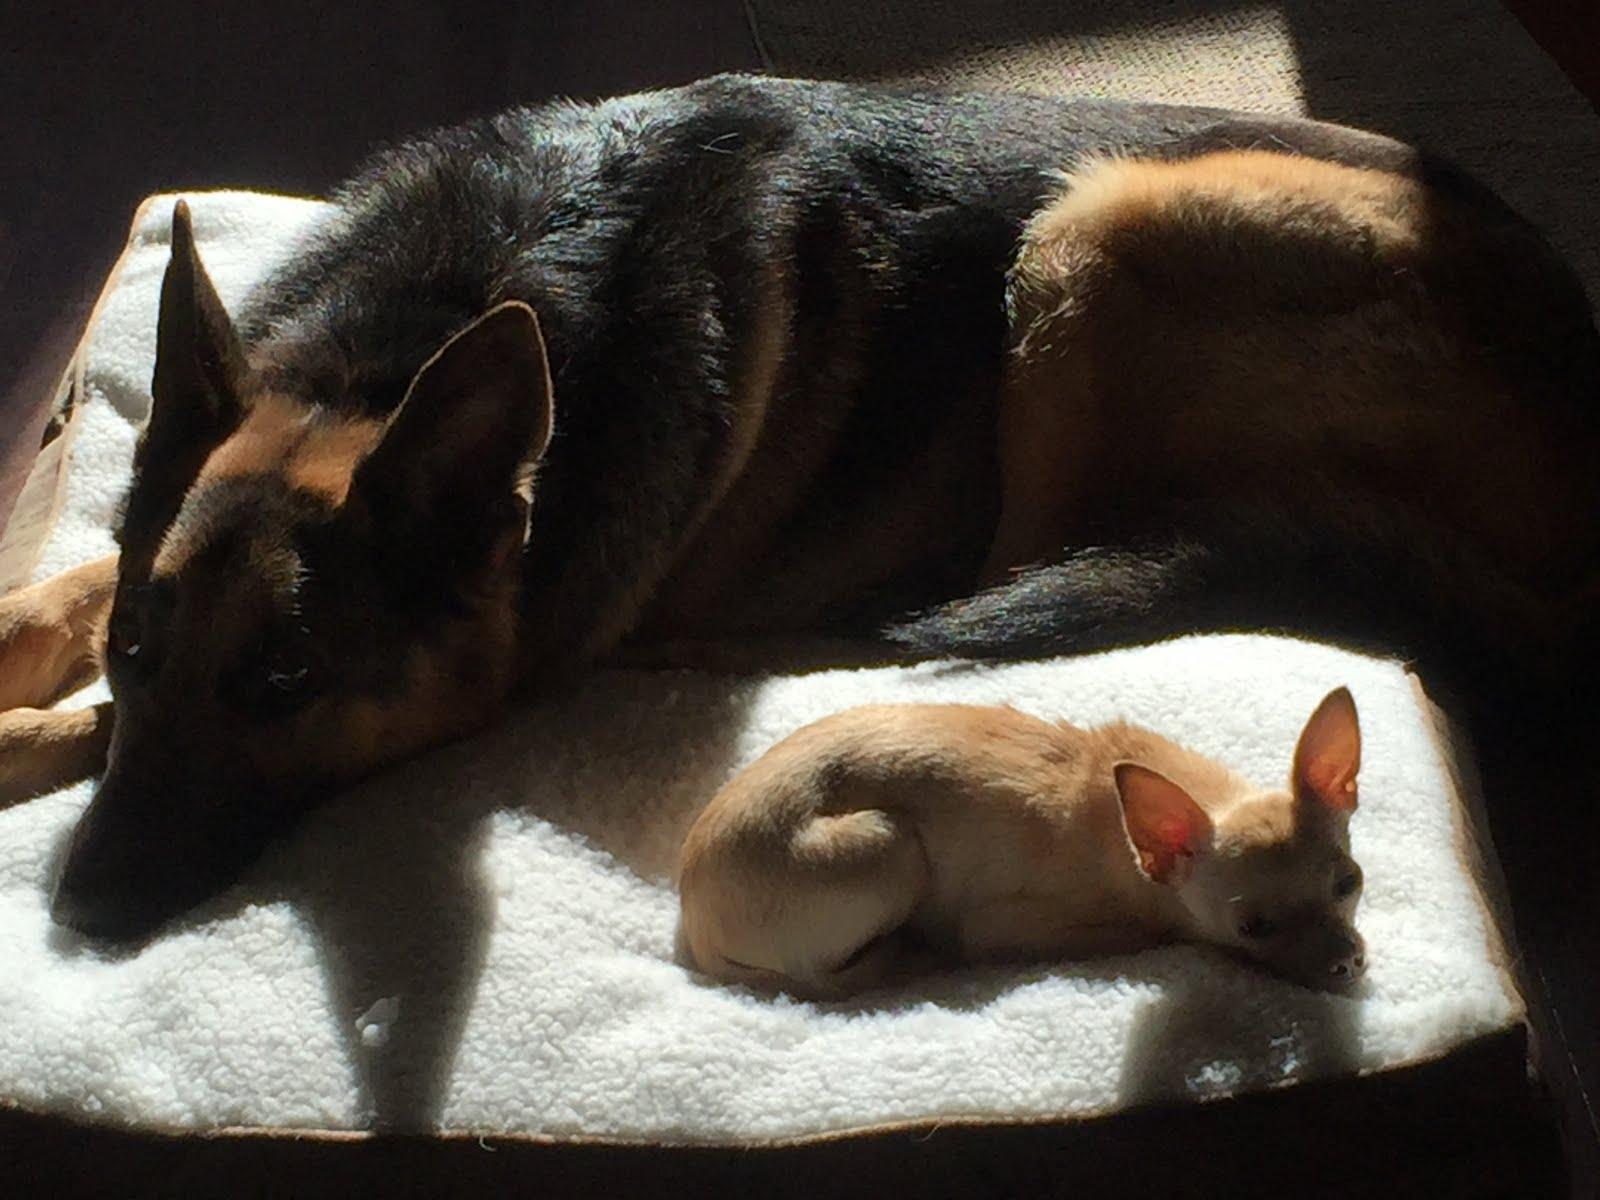 Max and Iggy